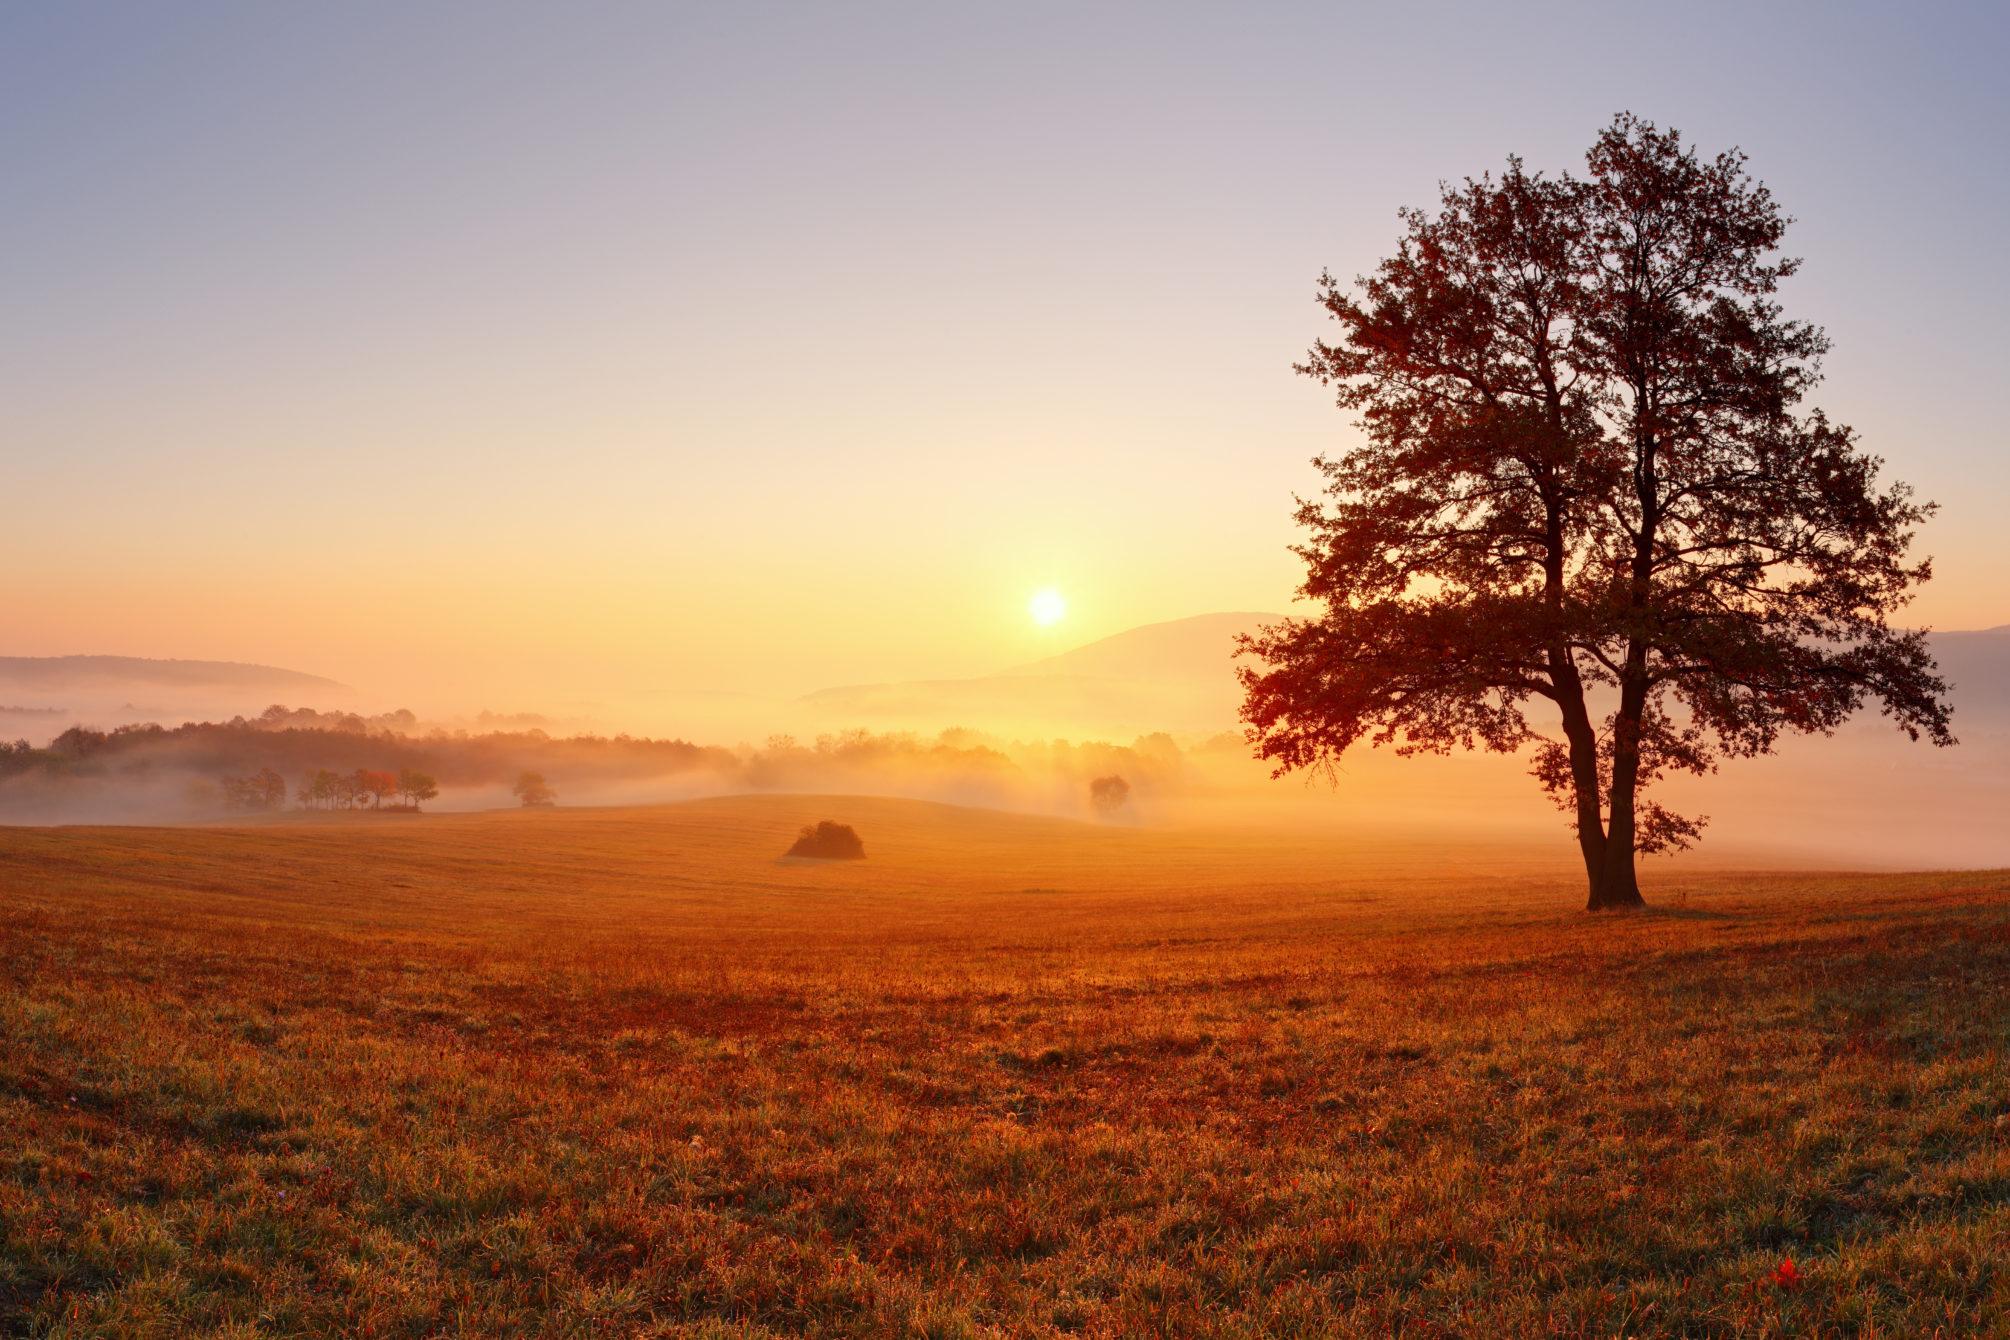 Der Baum auf der herbstlichen, nebelverhangenen Wiese ist beim Sonnenaufgang gleichzeitig ein Symbol für Abschied, wie auch Neubeginn.